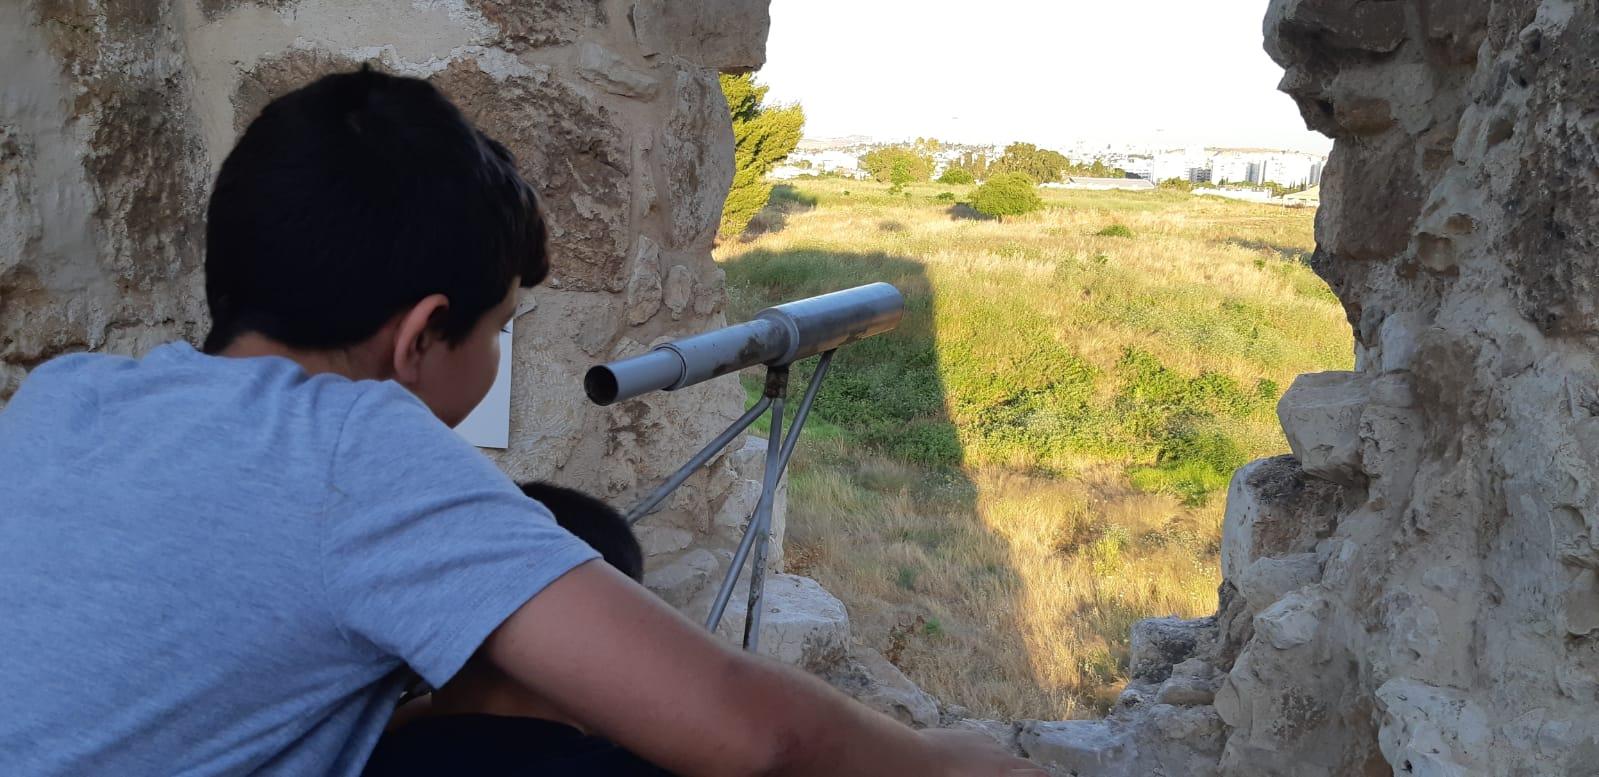 קיץ חוויתי תצפית מהמבצר